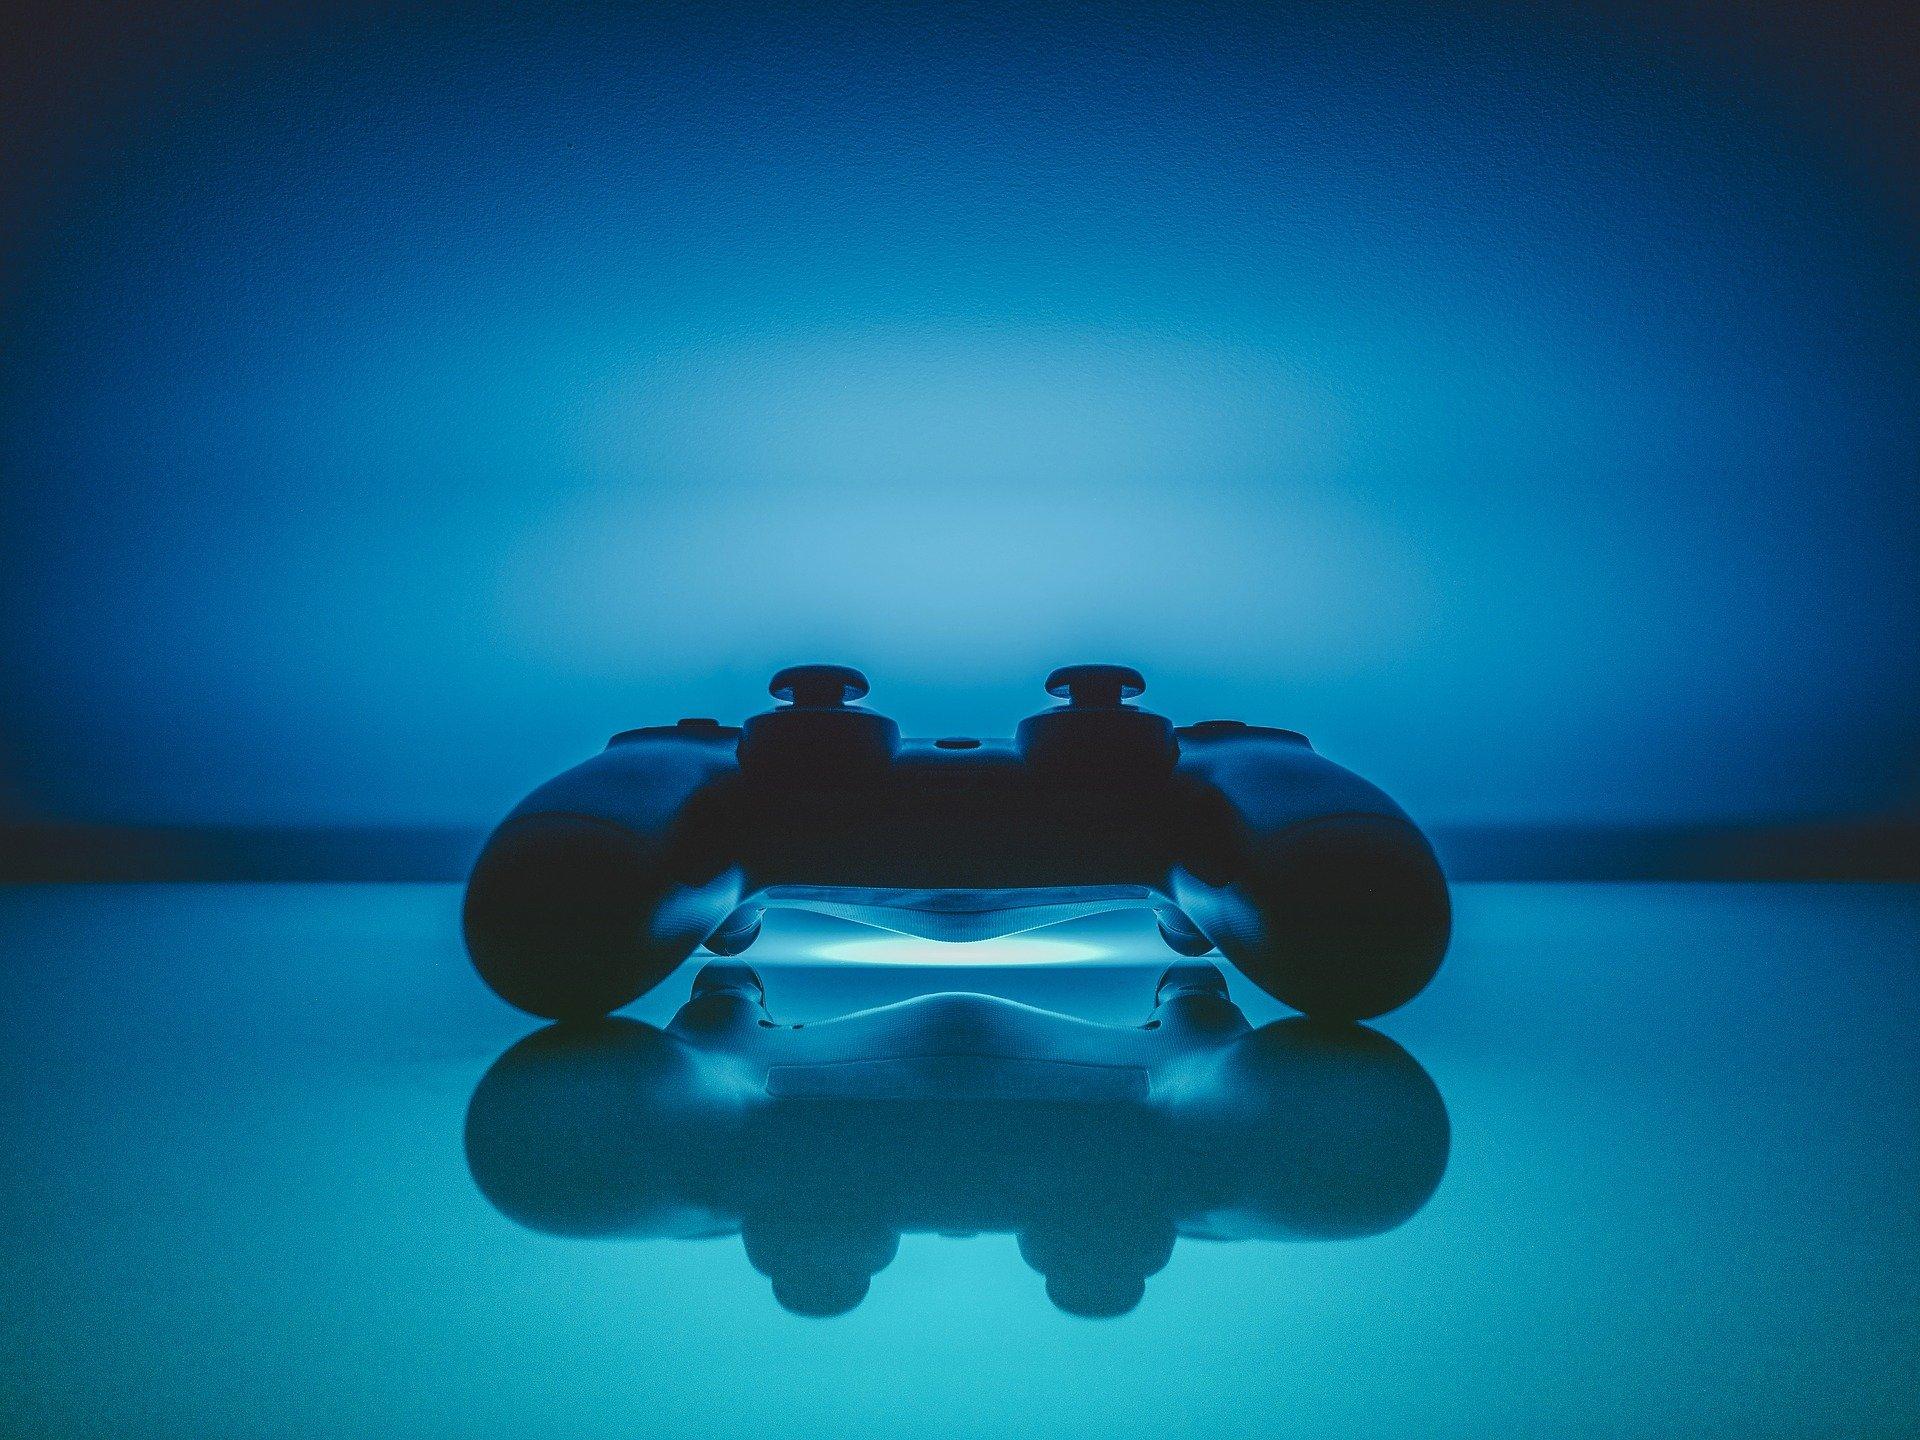 Les compétitions de jeux vidéos en ligne sont désormais considérées comme du esport